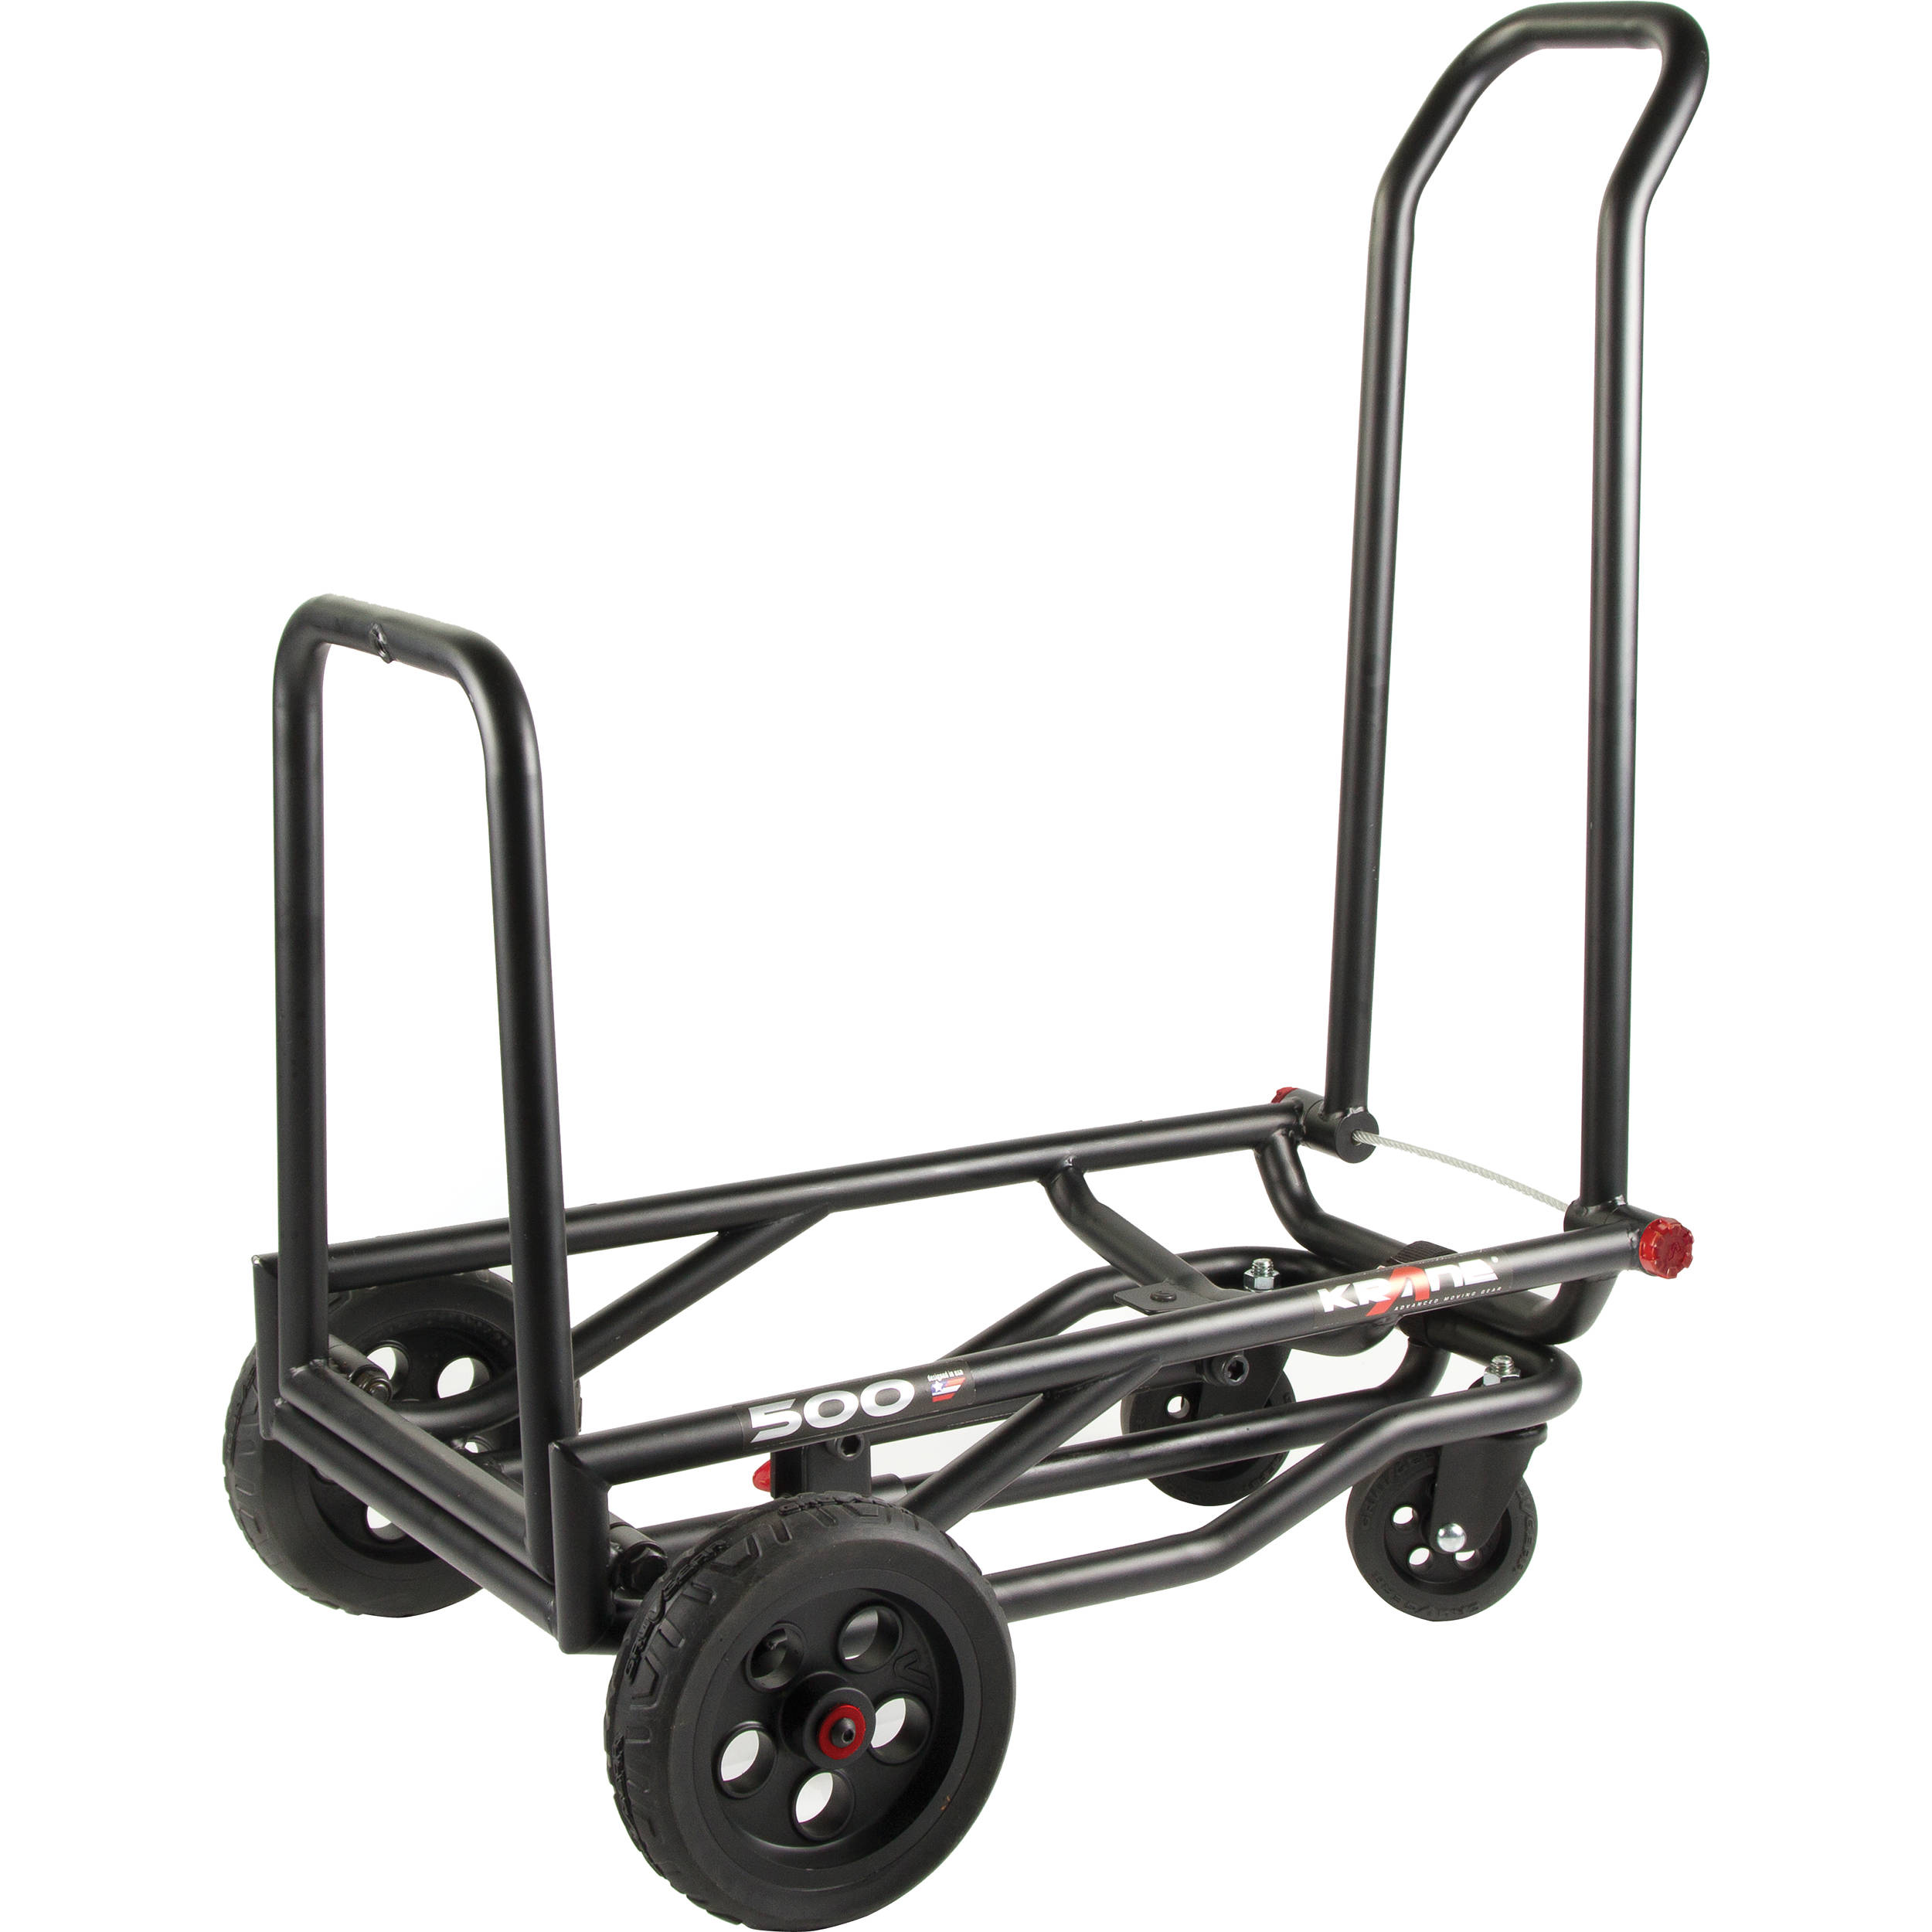 krane amg500 convertible hand truckplatform cart - Convertible Hand Truck